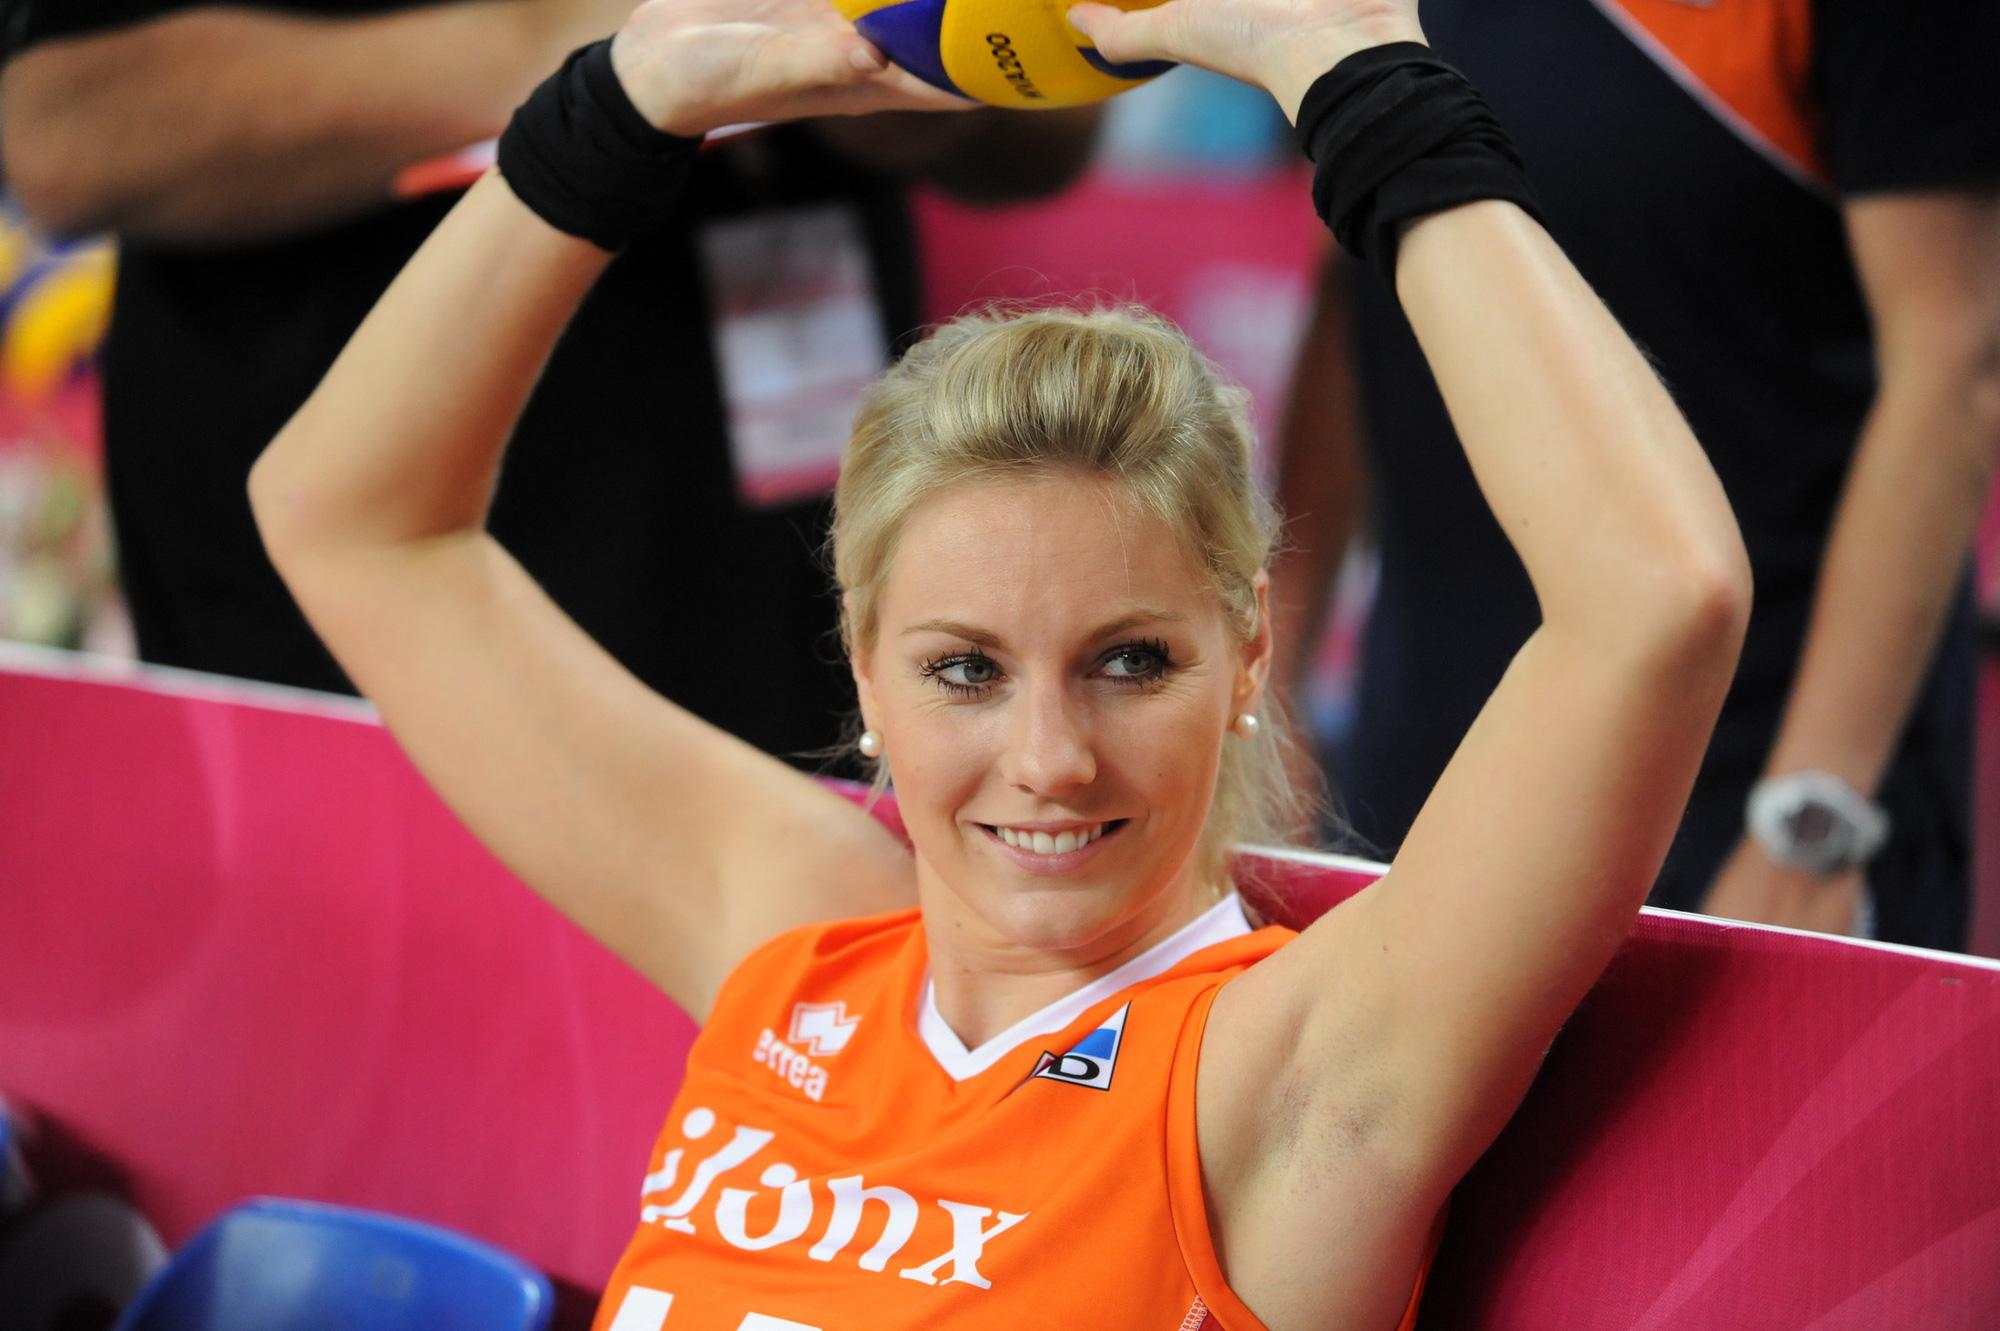 7 nữ VĐV bóng chuyền tài năng và xinh đẹp bậc nhất thế giới - Ảnh 7.